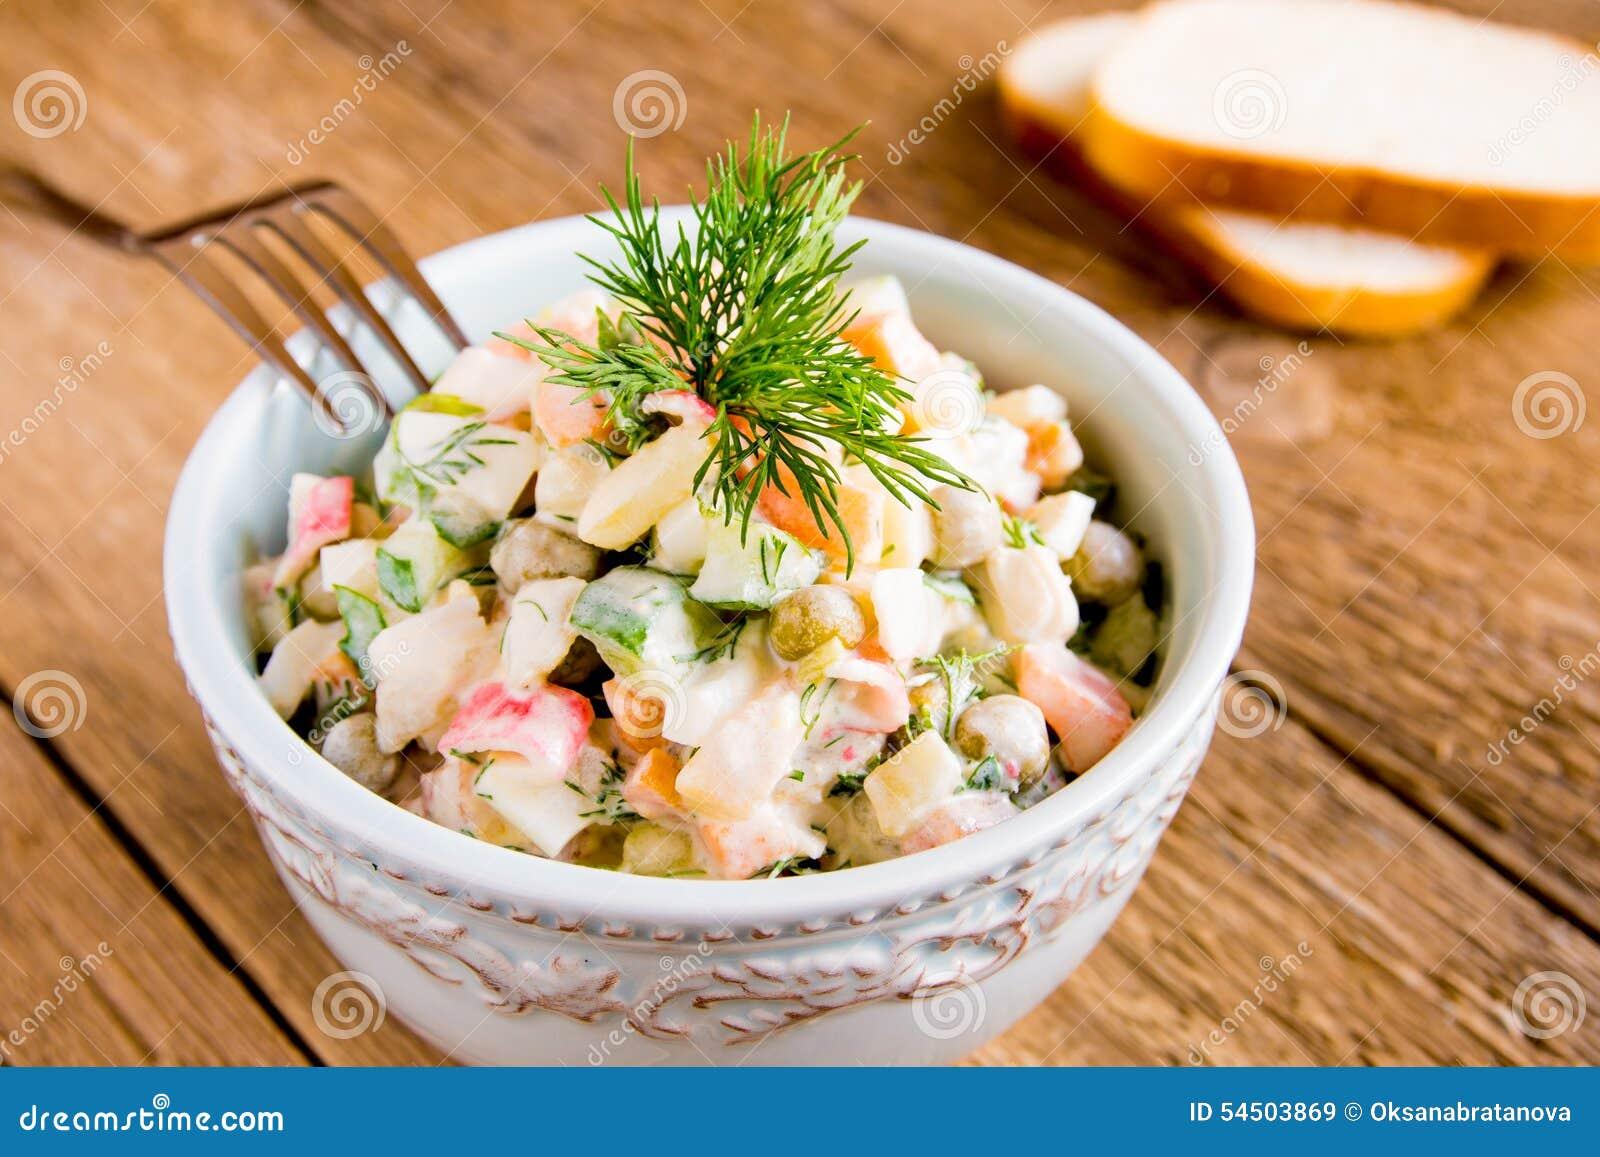 Salade russe olivier